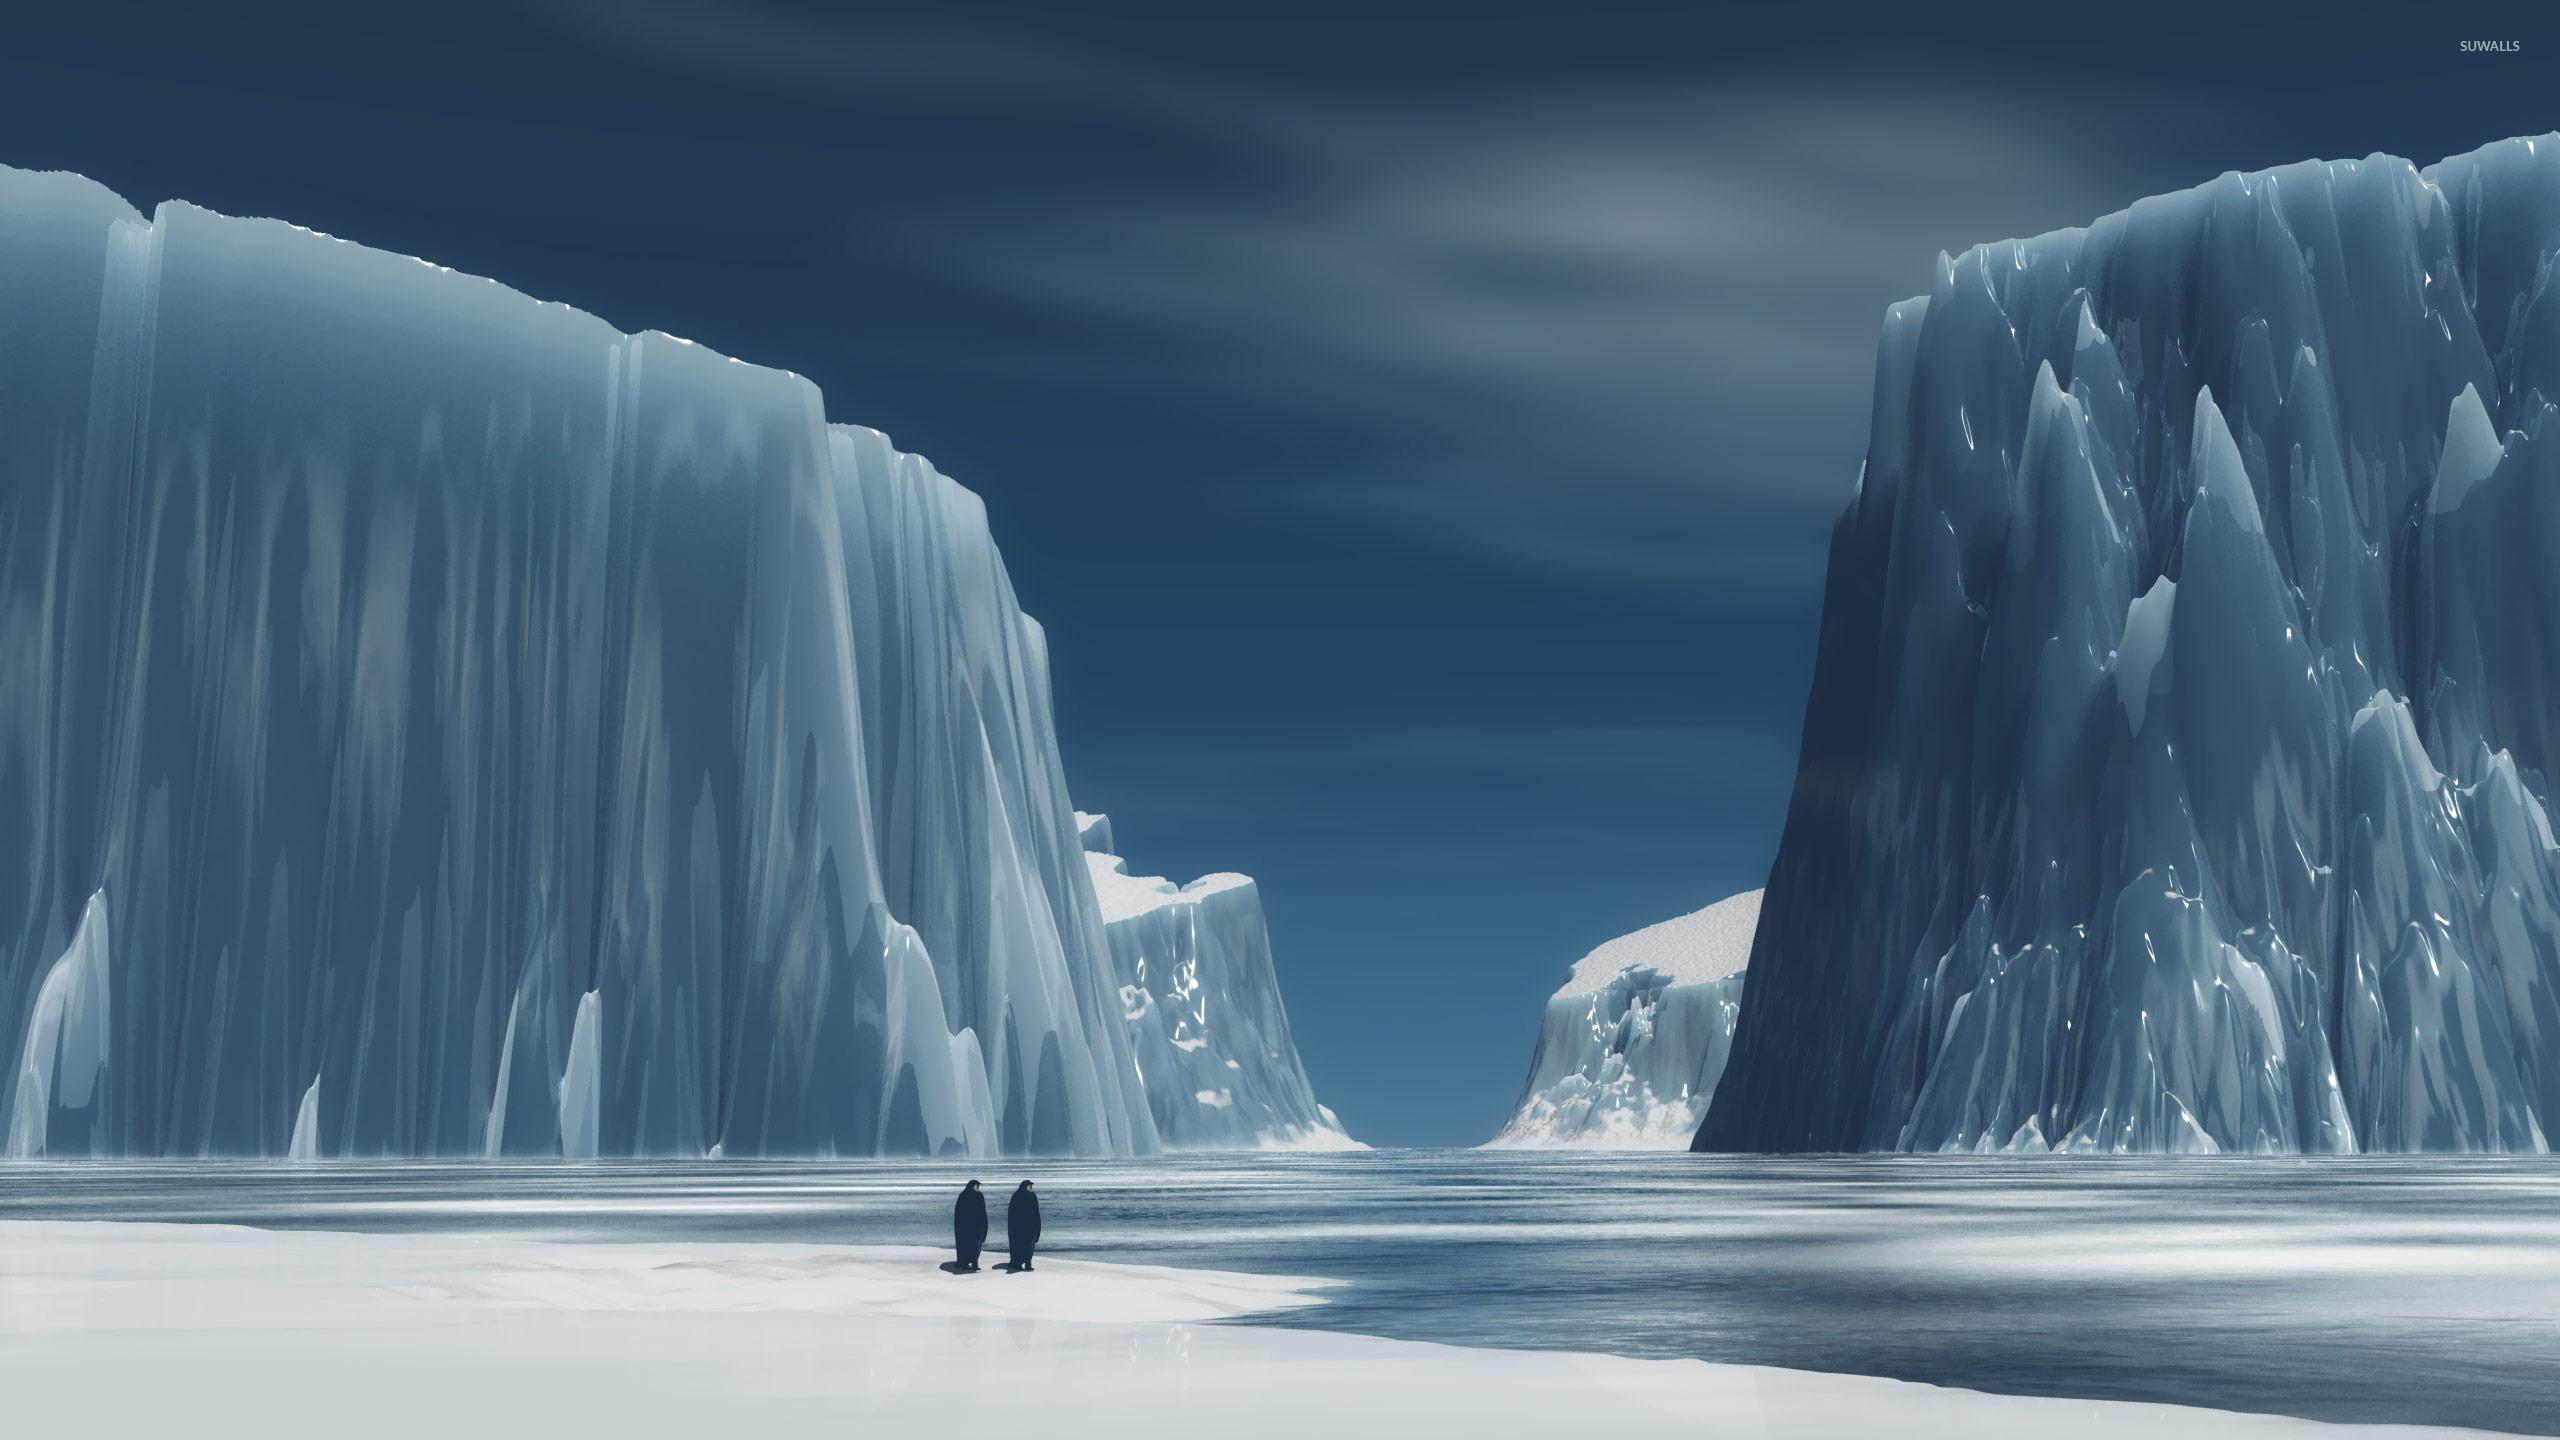 Penguins in Antarctica wallpaper   Digital Art wallpapers   19179 2560x1440